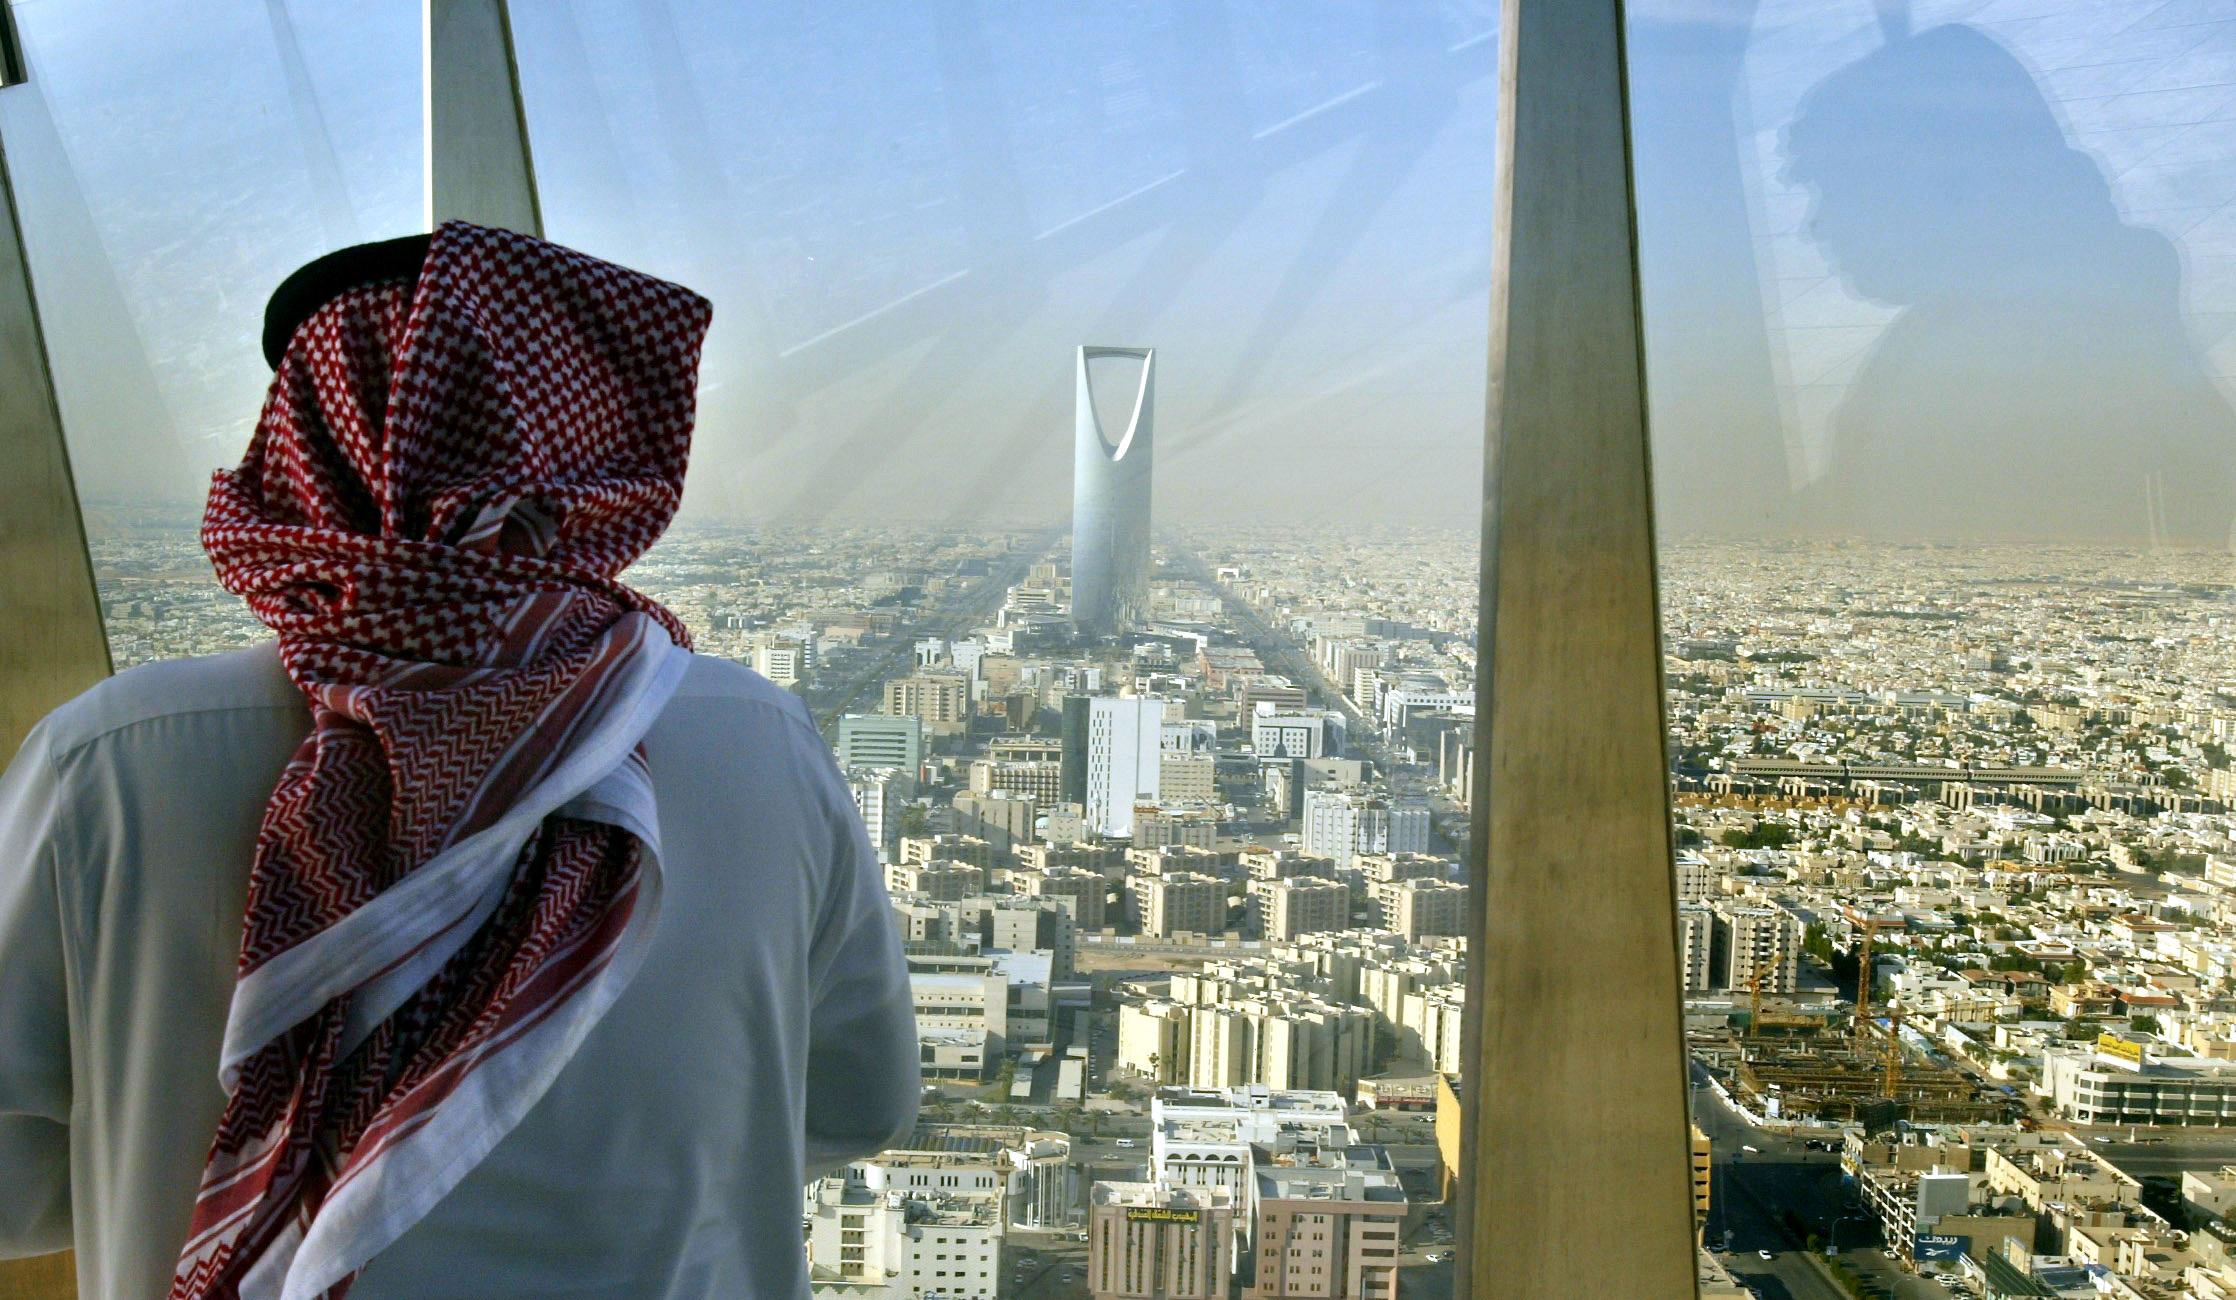 Riyadh Free Dating Site - Online Singles from Riyadh Saudi Arabia